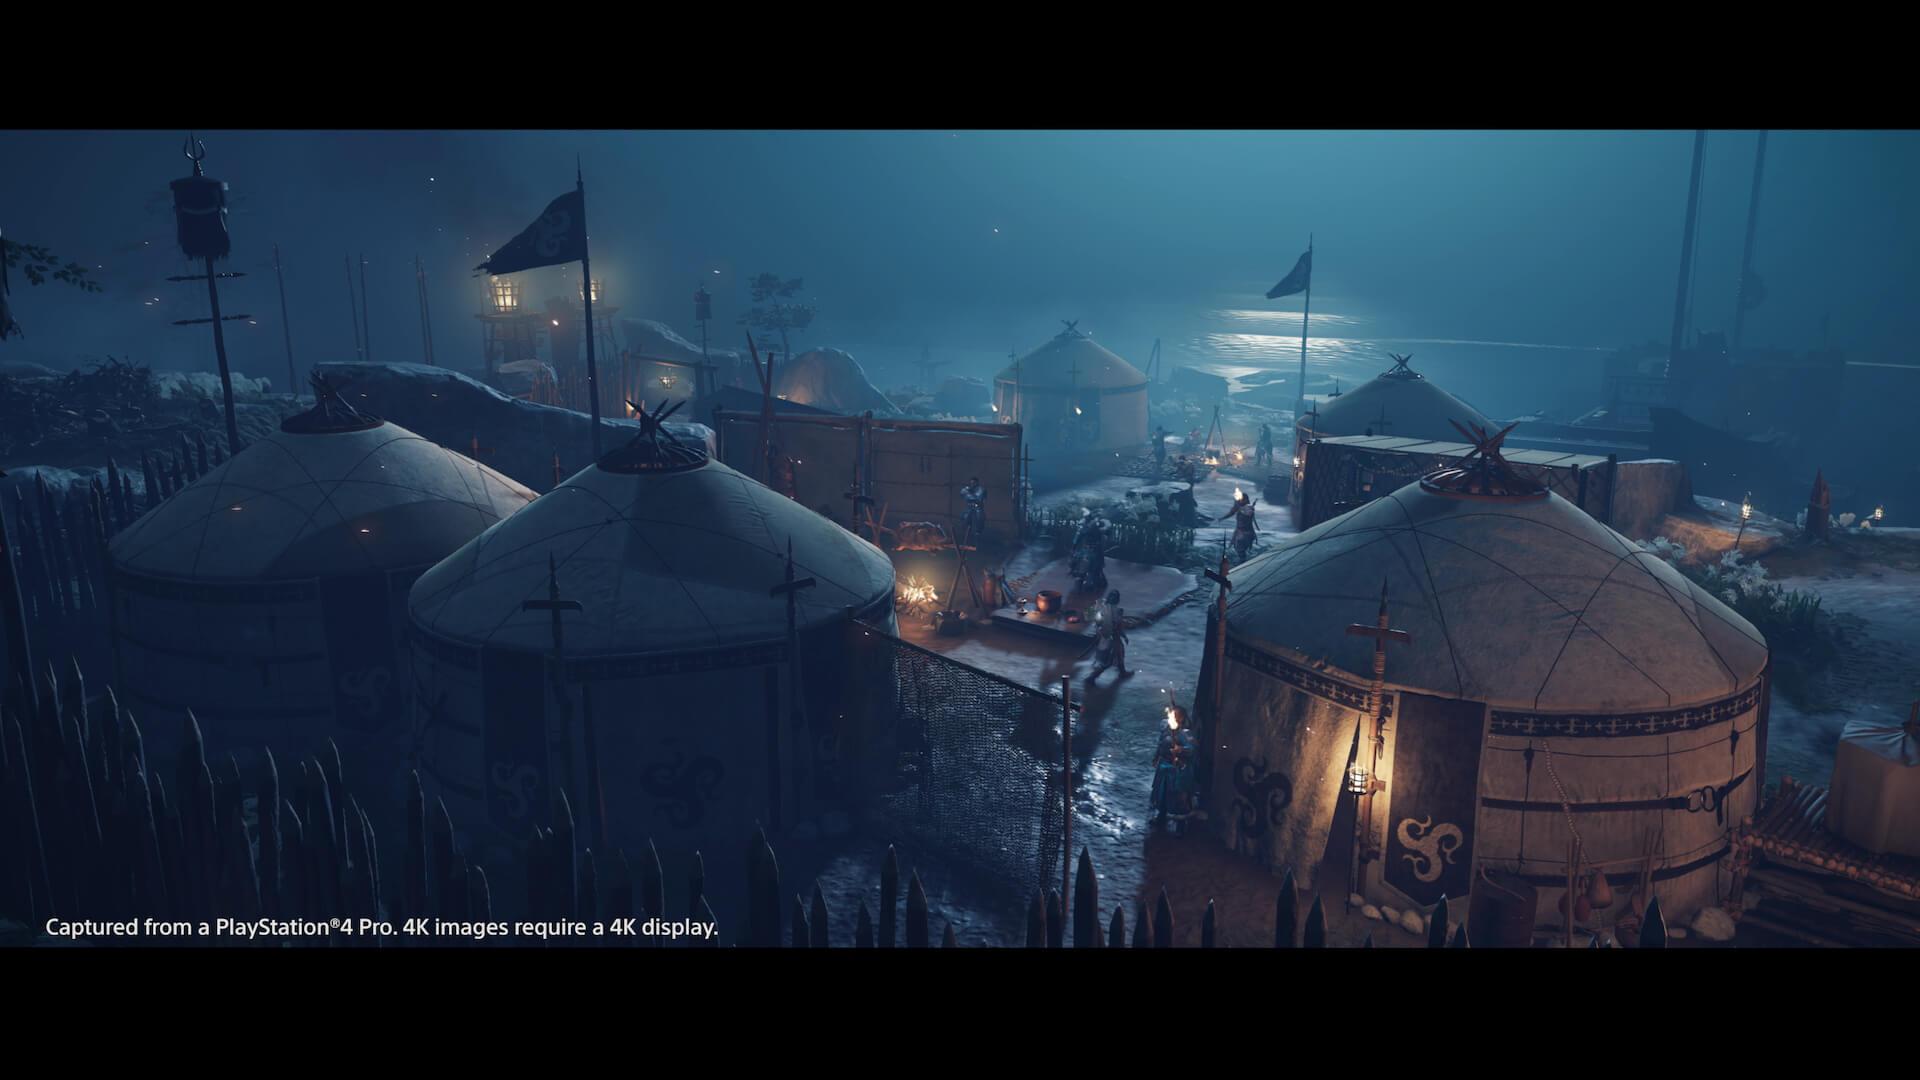 新感覚のオープンワールド時代劇を体感せよ!PS4専用ソフト『Ghost of Tsushima』がついに本日発売 tech200717_ghostoftsushima_17